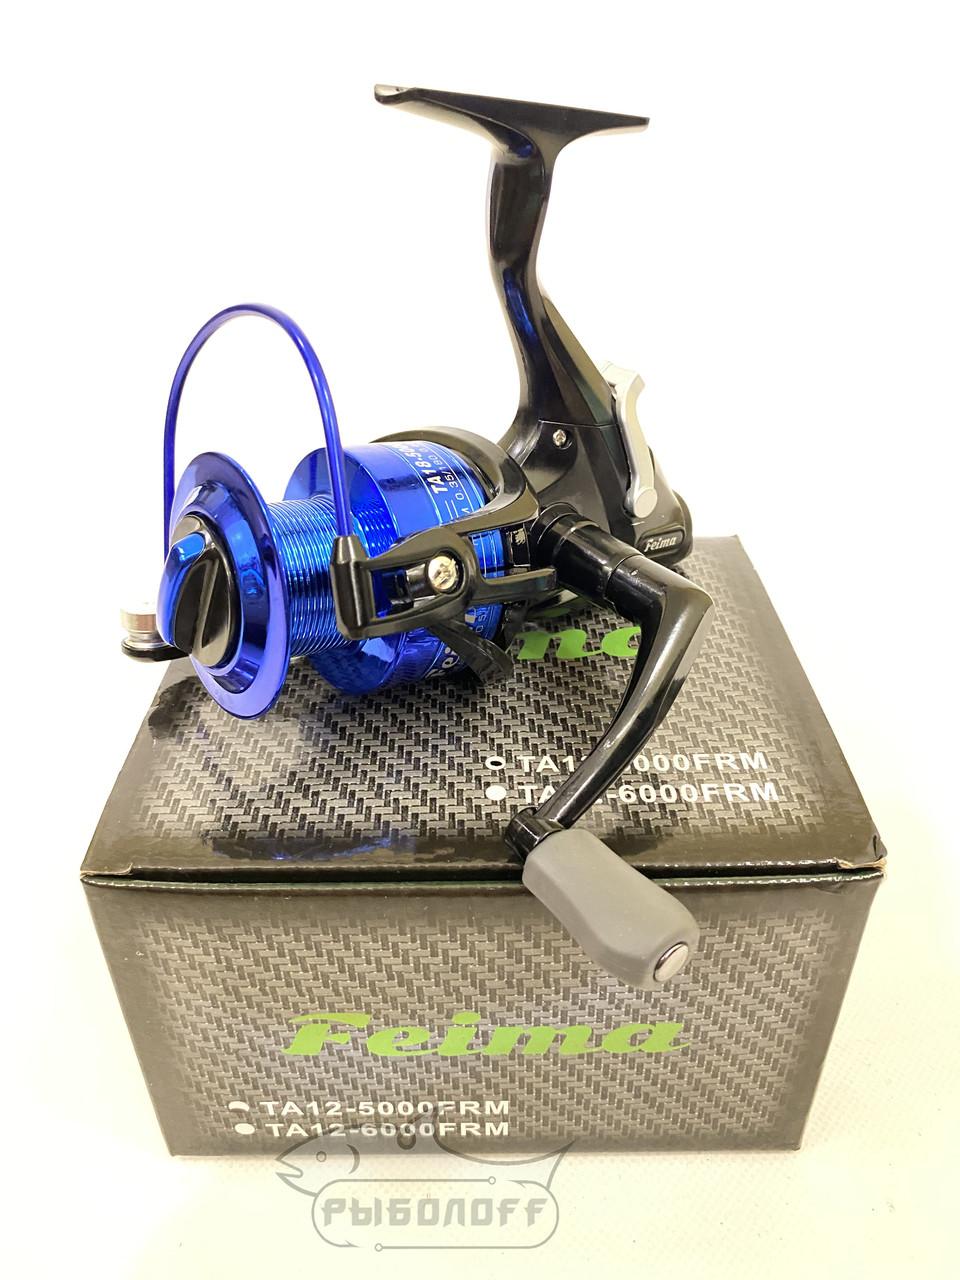 Котушка Feima TA12-6000 FRM 5BB